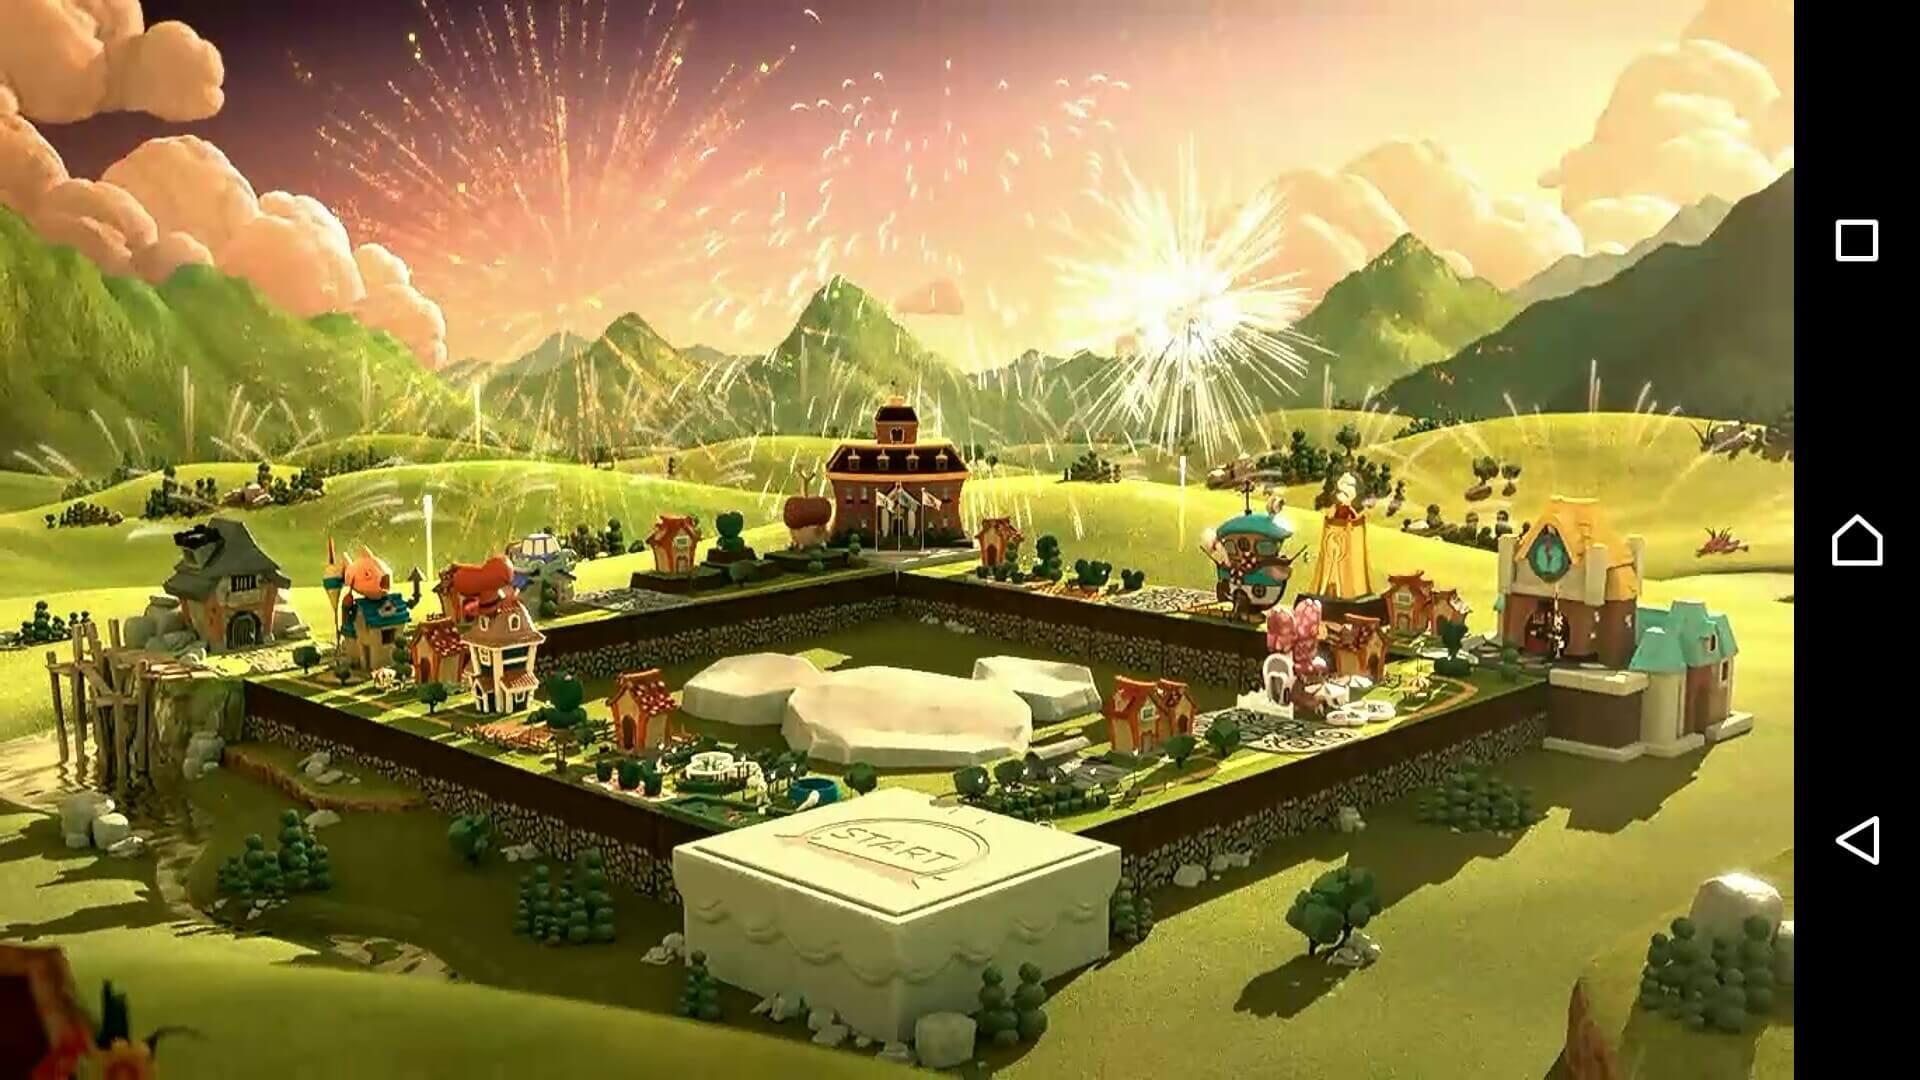 ディズニーマジカルダイス1 オープニングムービーの一幕